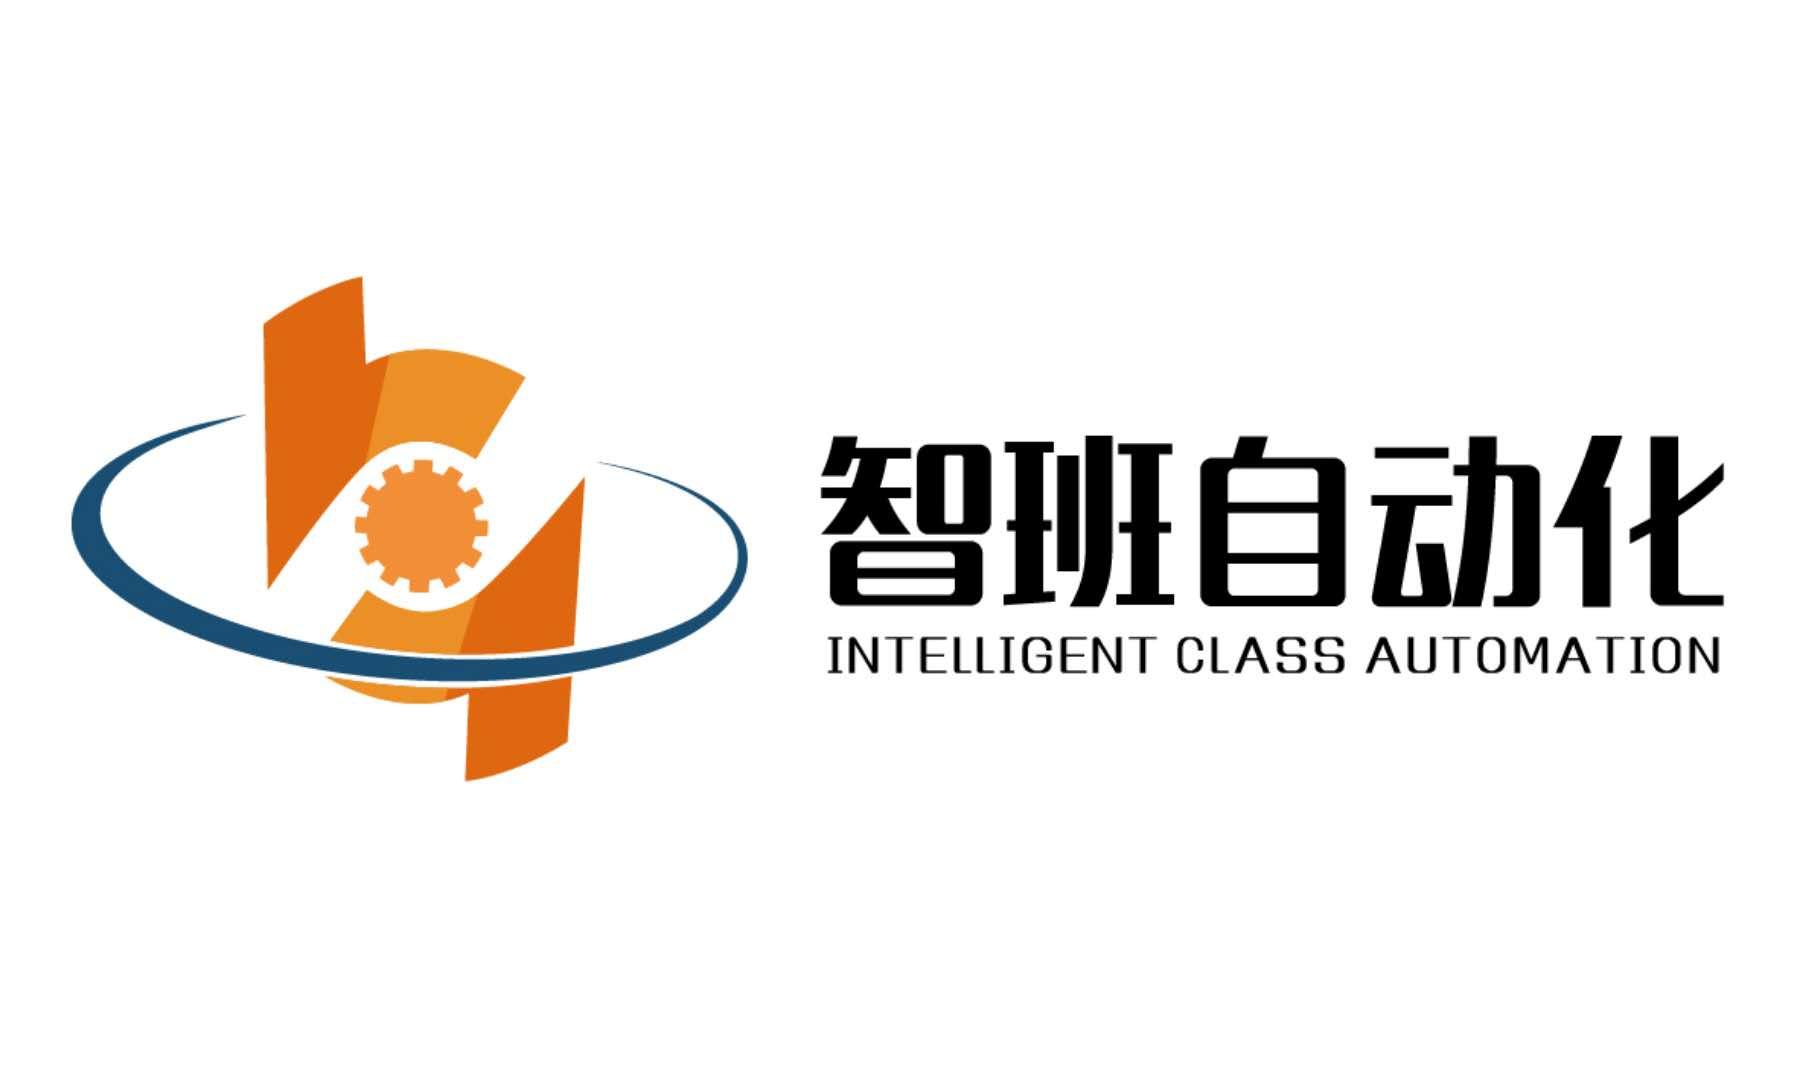 山东智班自动化设备有限公司